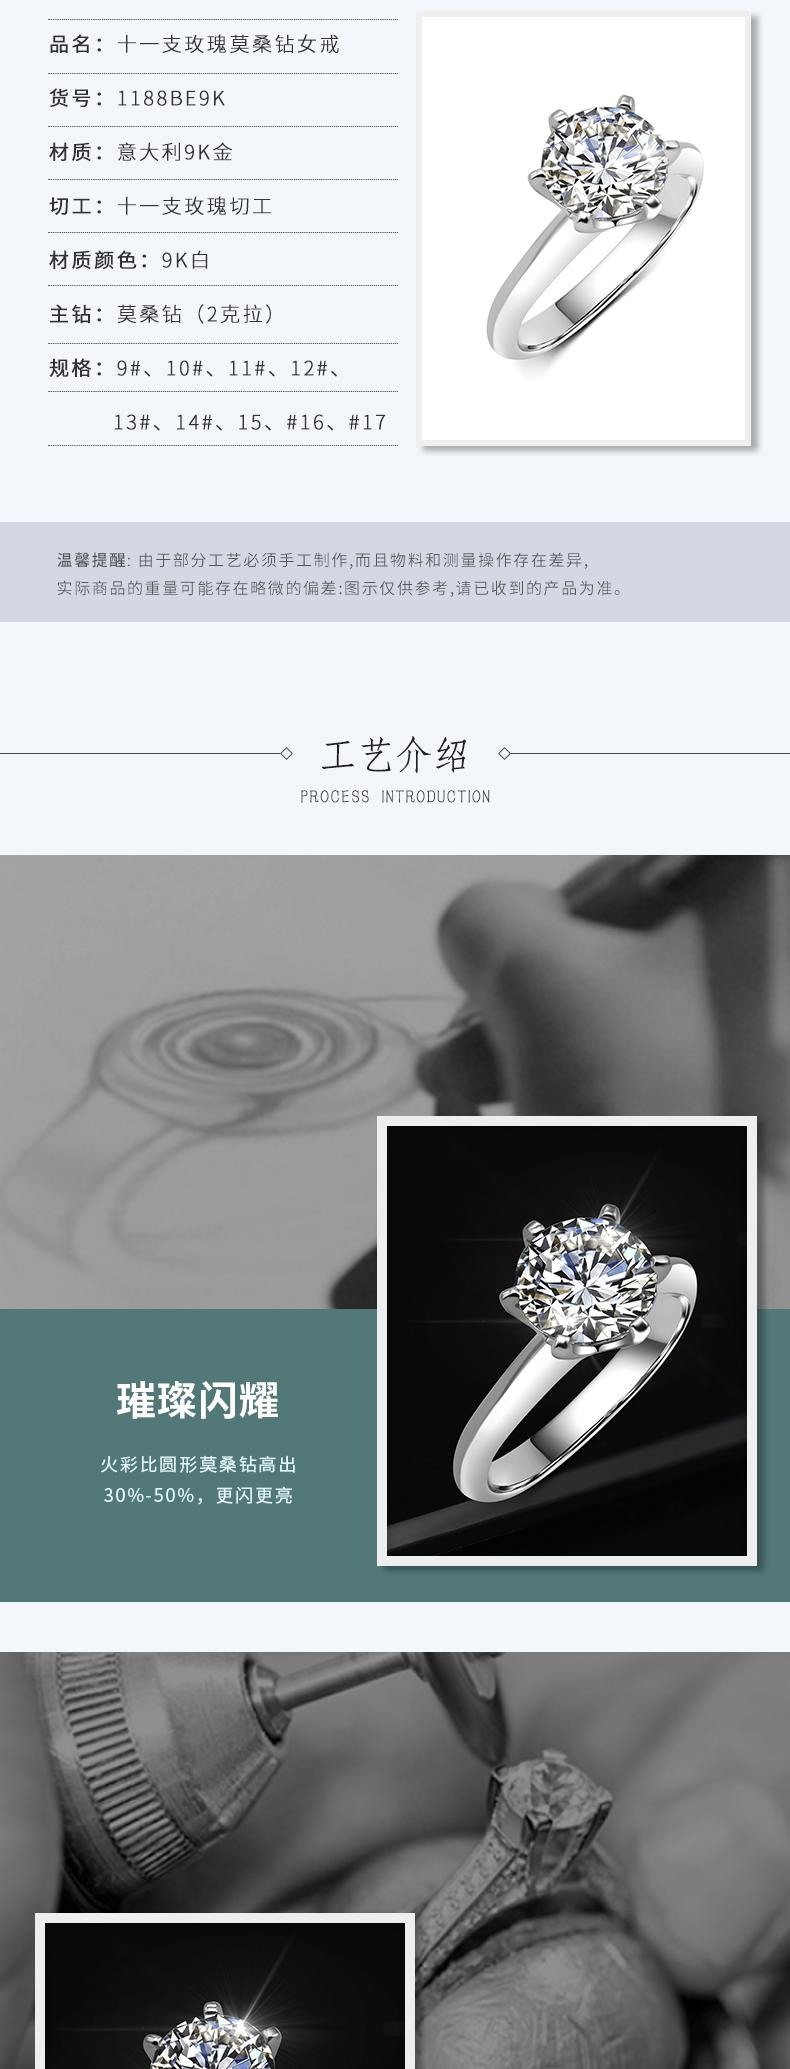 钻石详情_02.jpg